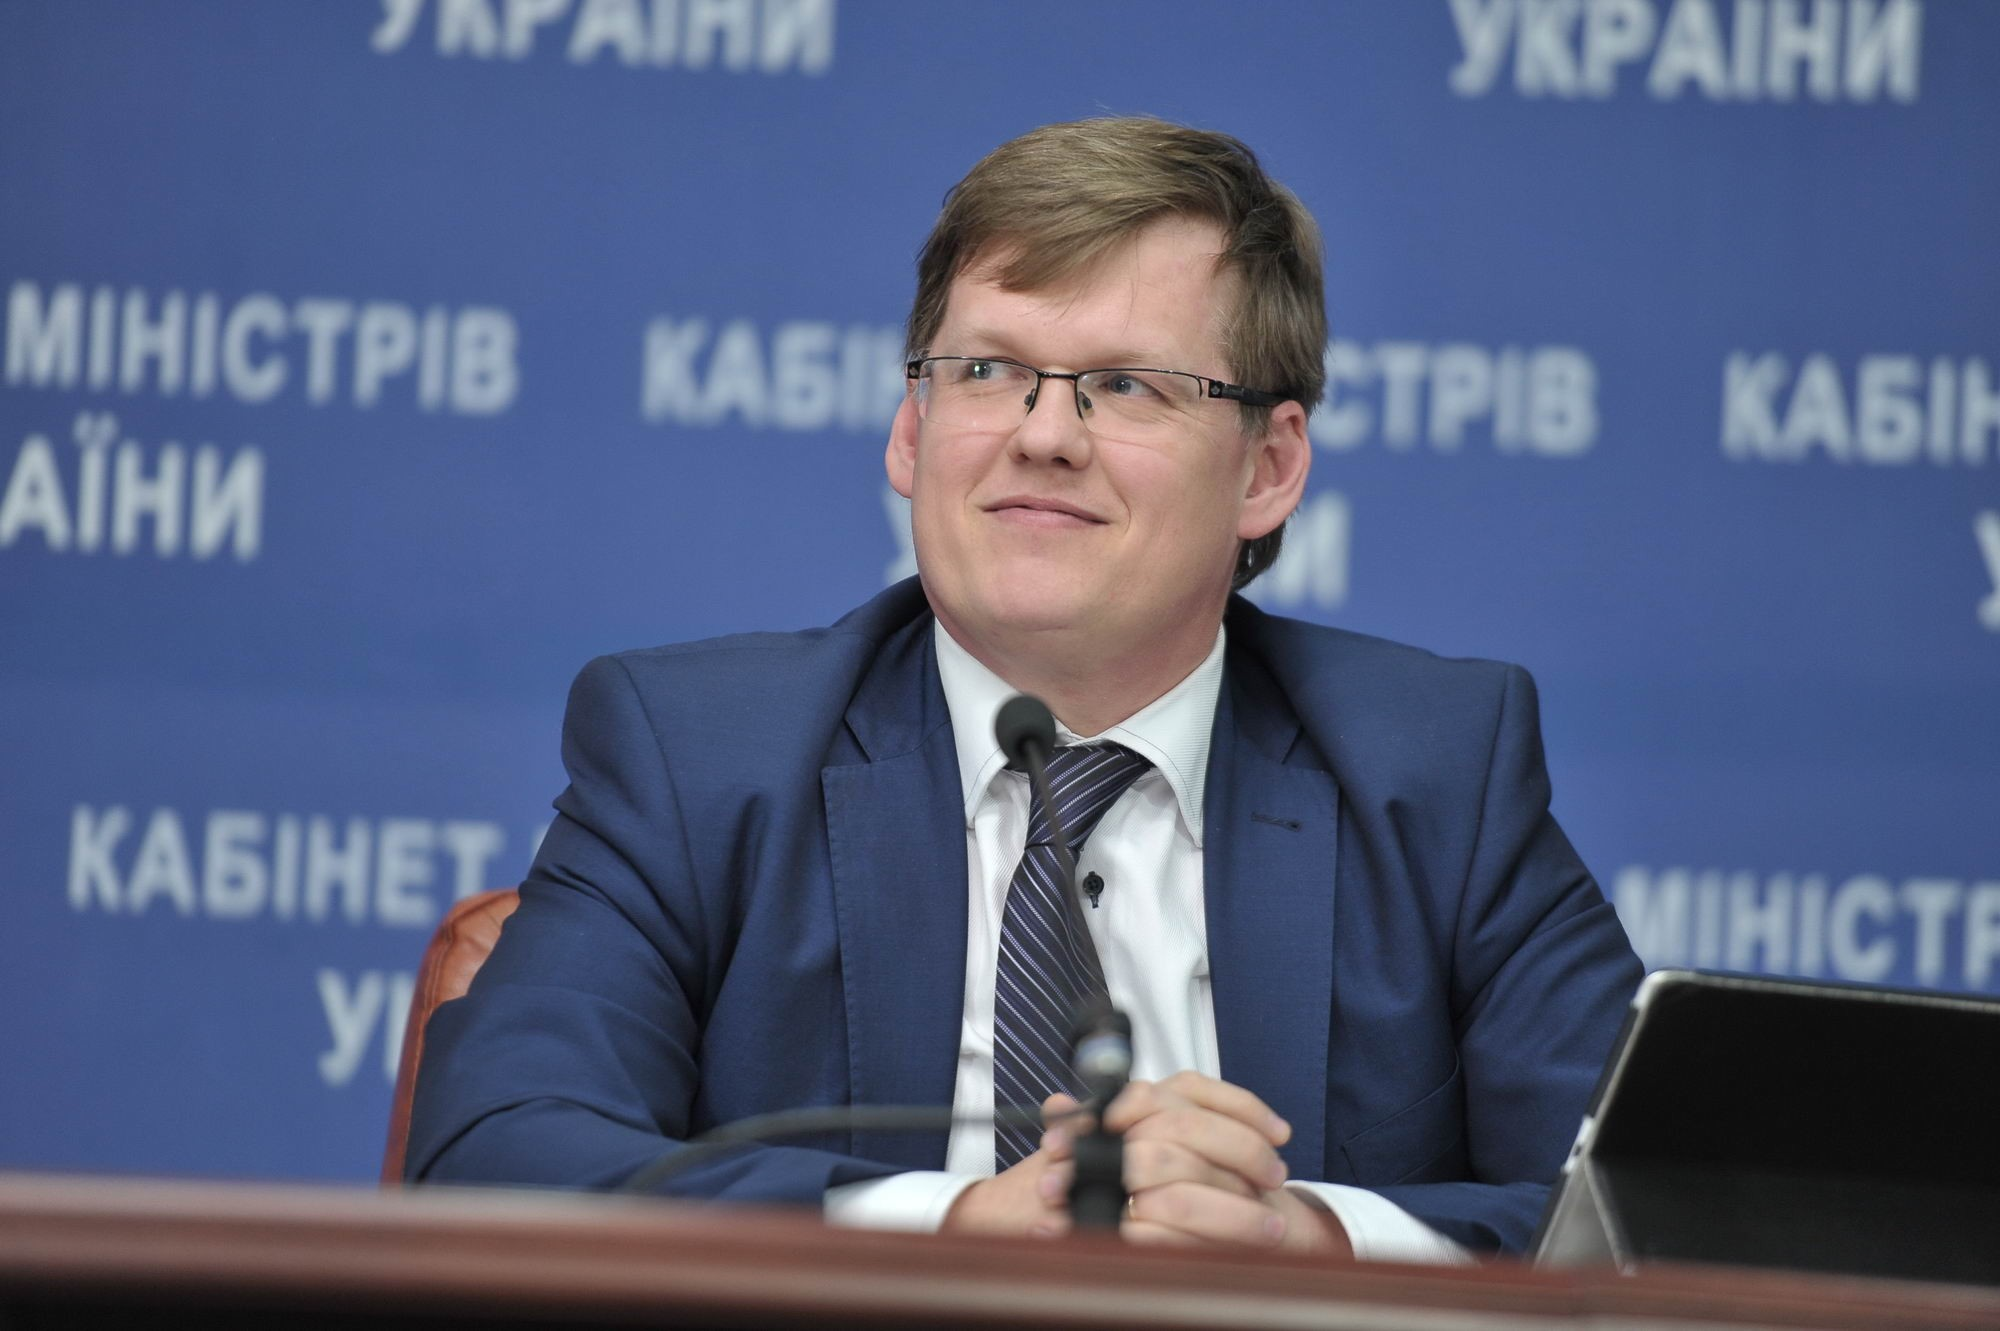 Скромная обитель под Киевом, которую скрывает от общественности вице-премьер